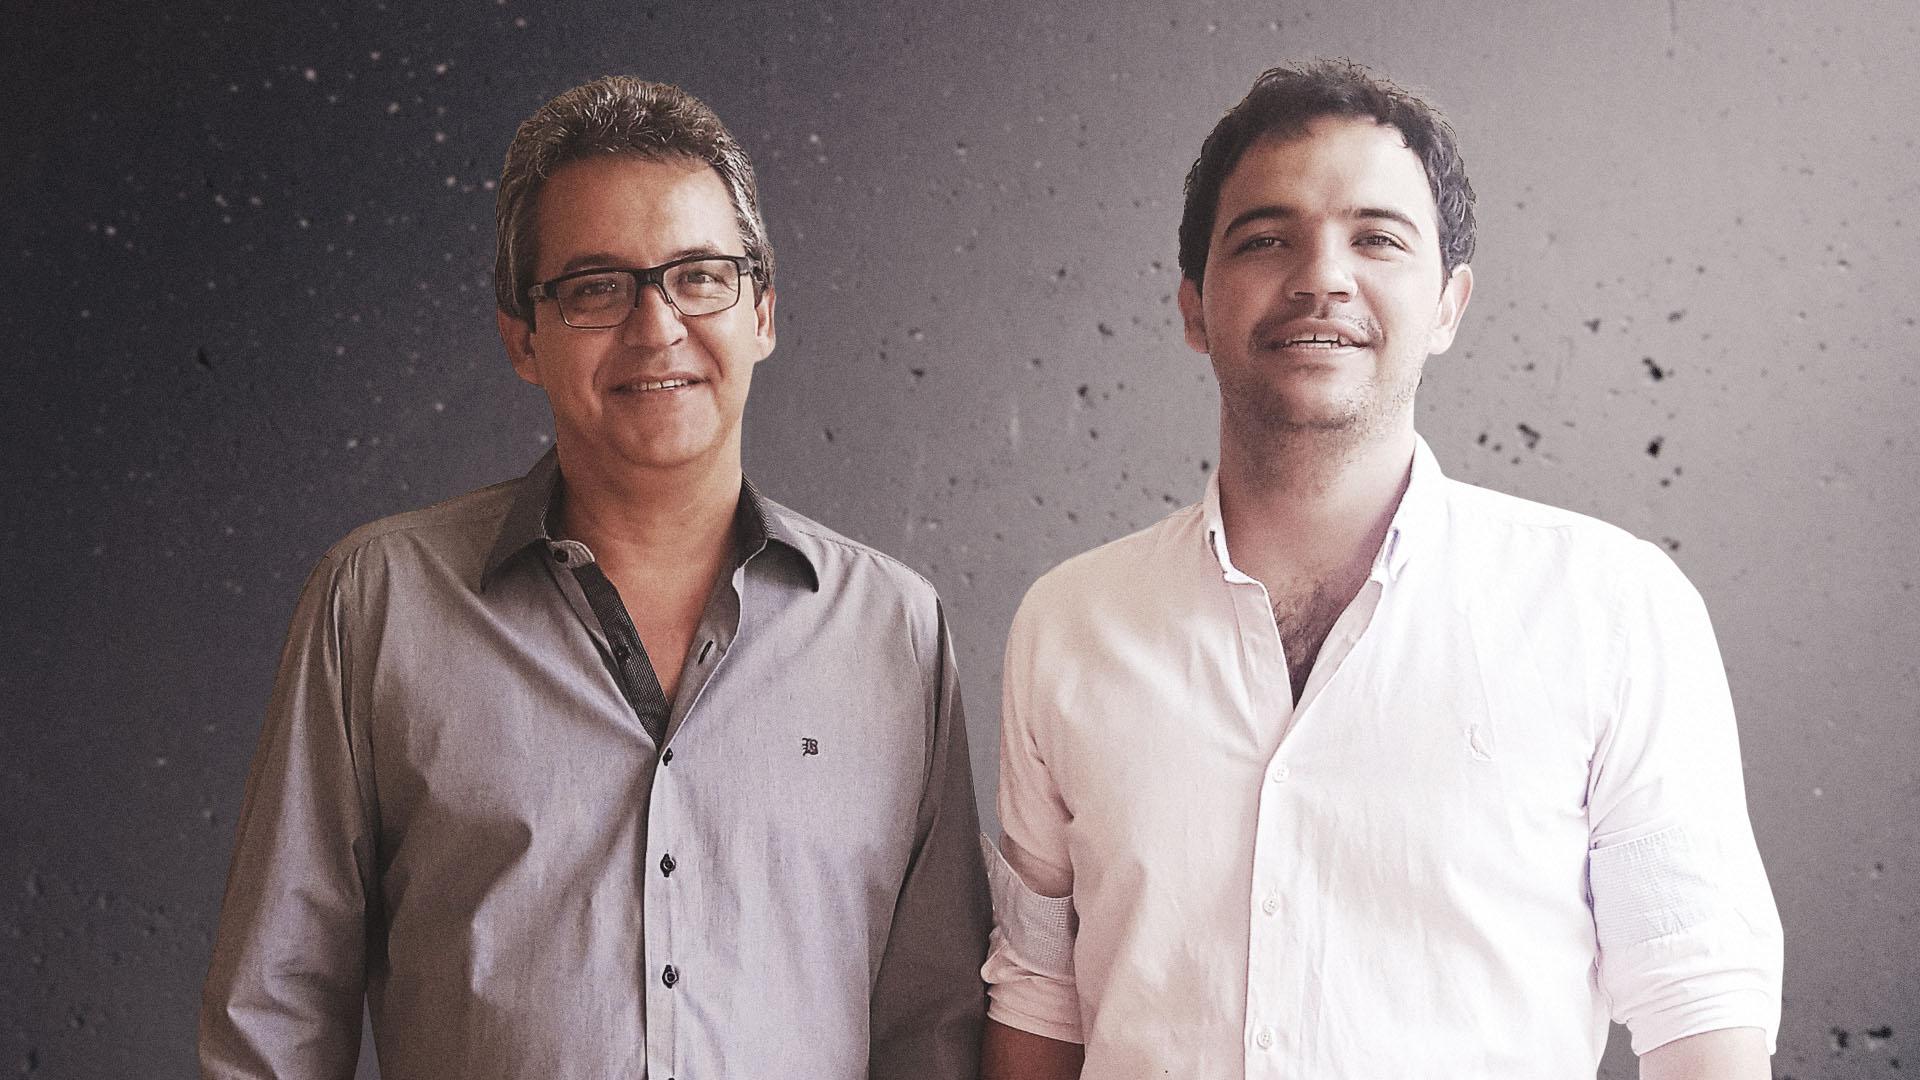 ENTREVISTA: pai e filho empreendedores estudam no meuSucesso.com